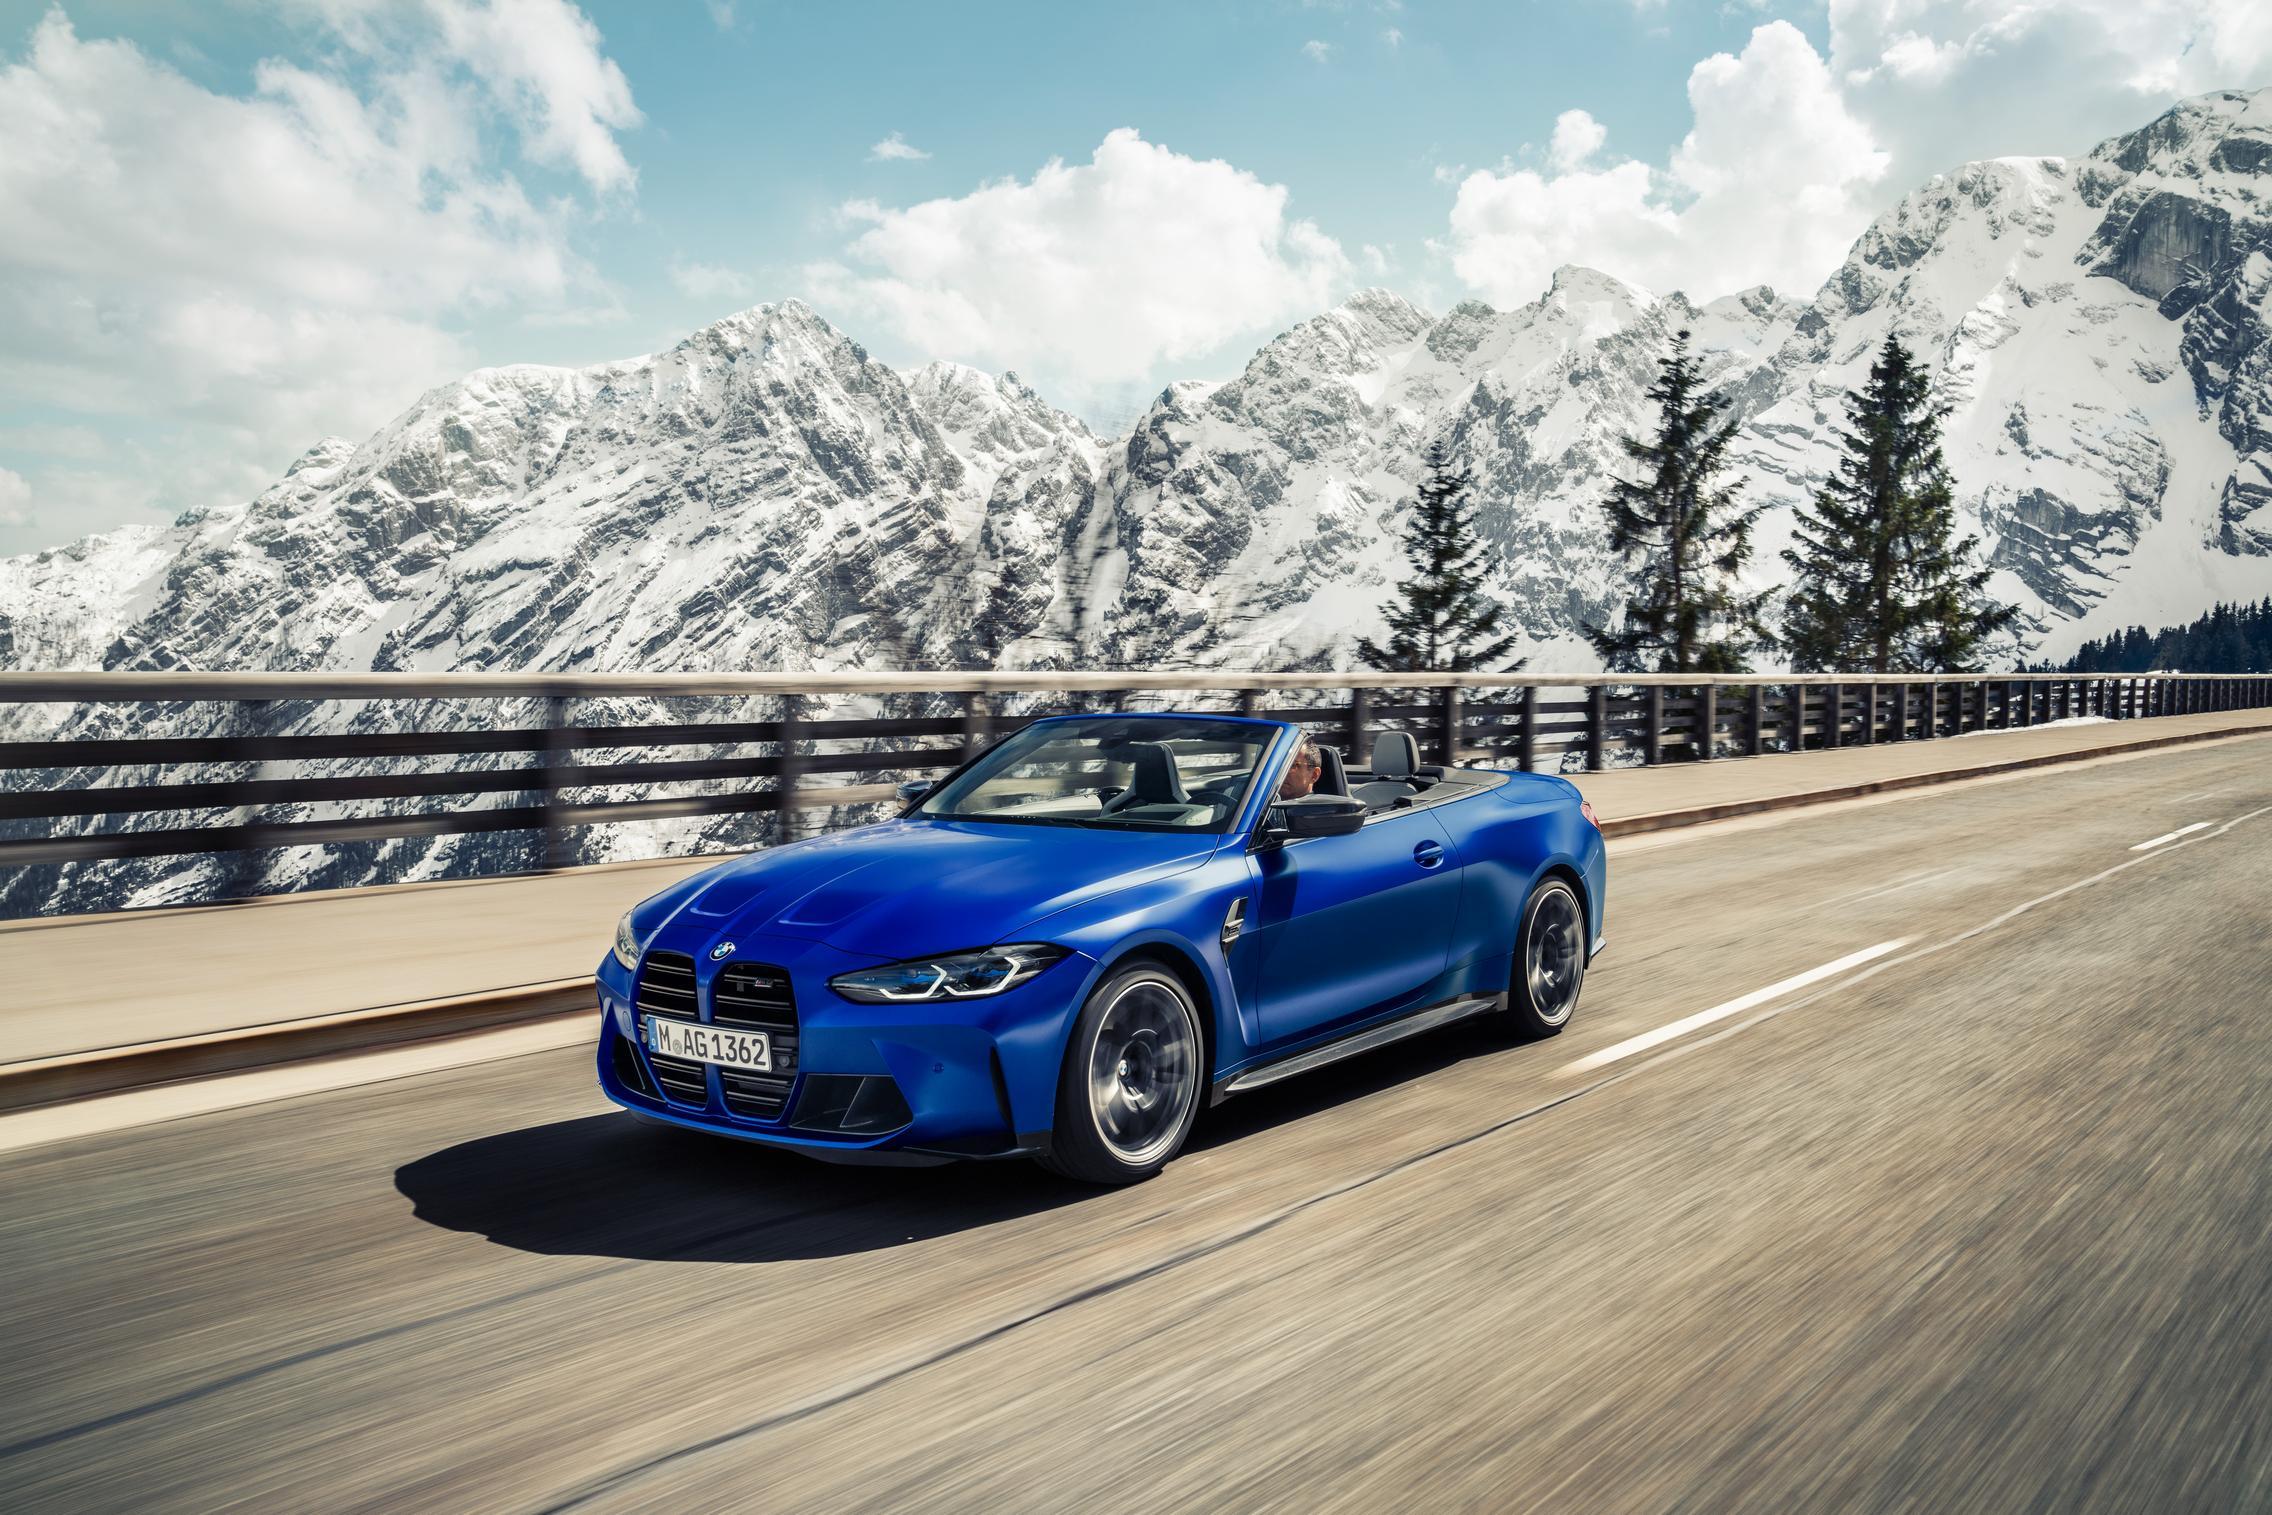 2022 BMW M4 Vert